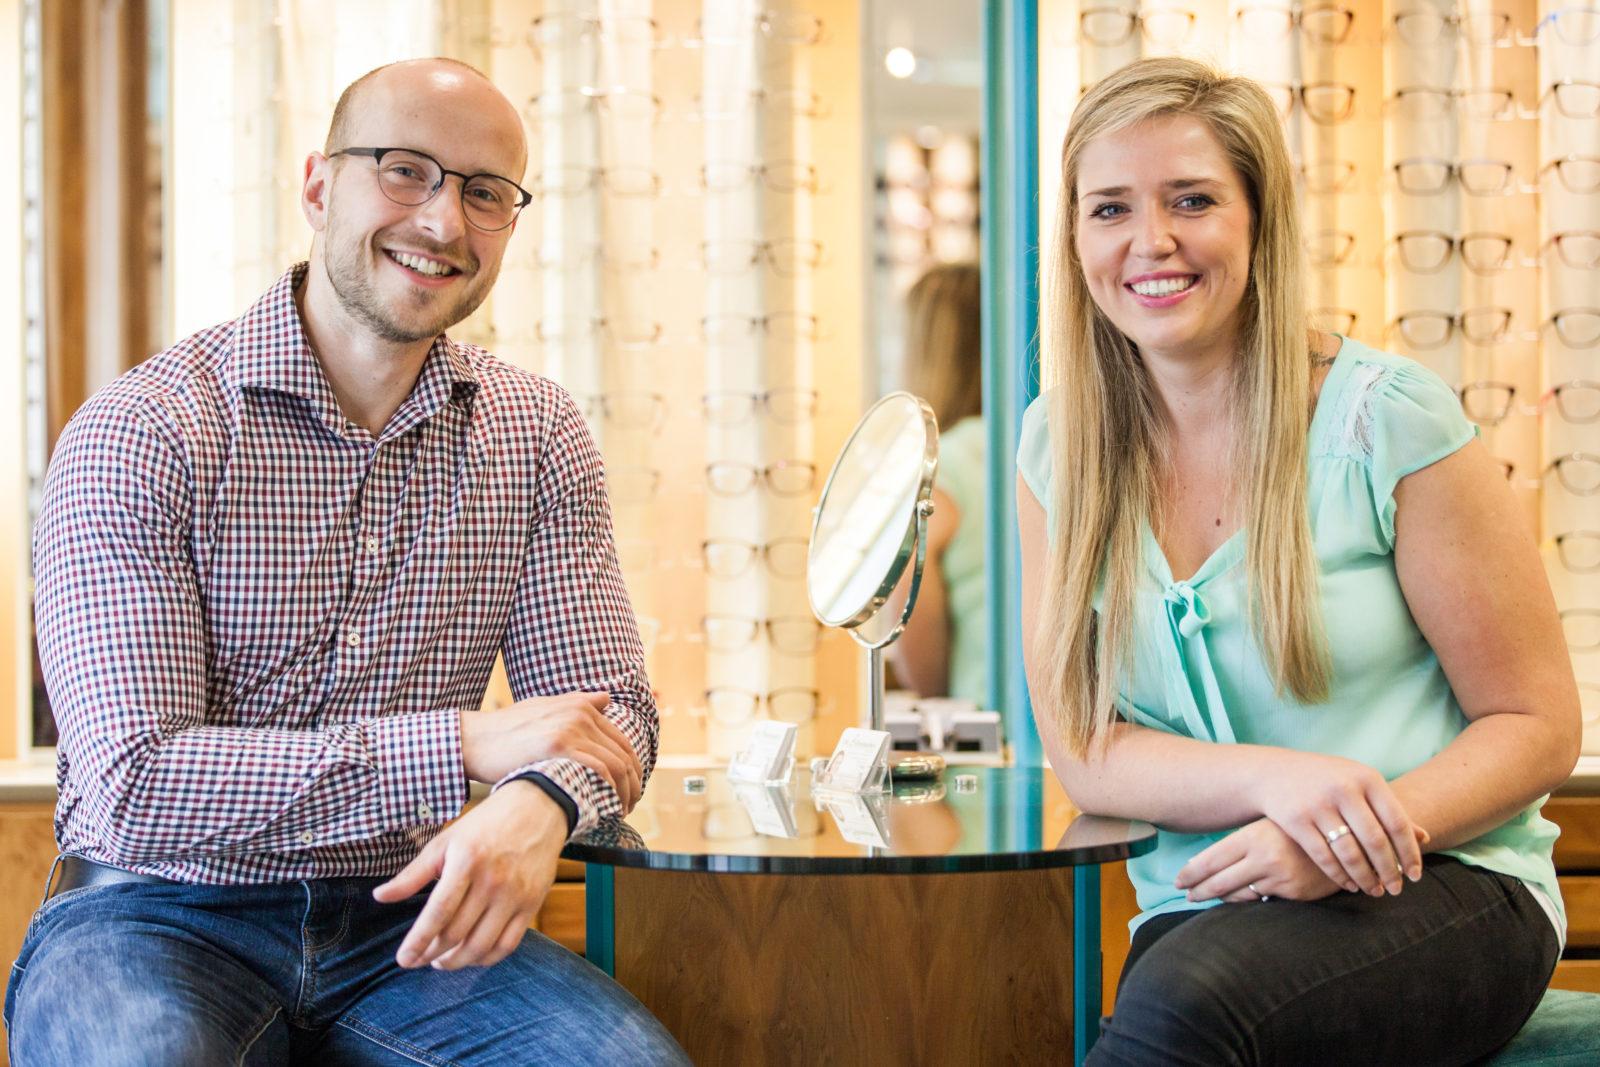 Das Team der Brillenmacher Wallstadt. Links der Augenoptikermeister Michael Penczek. Rechts die Augenoptikermeisterin Alessia Erke